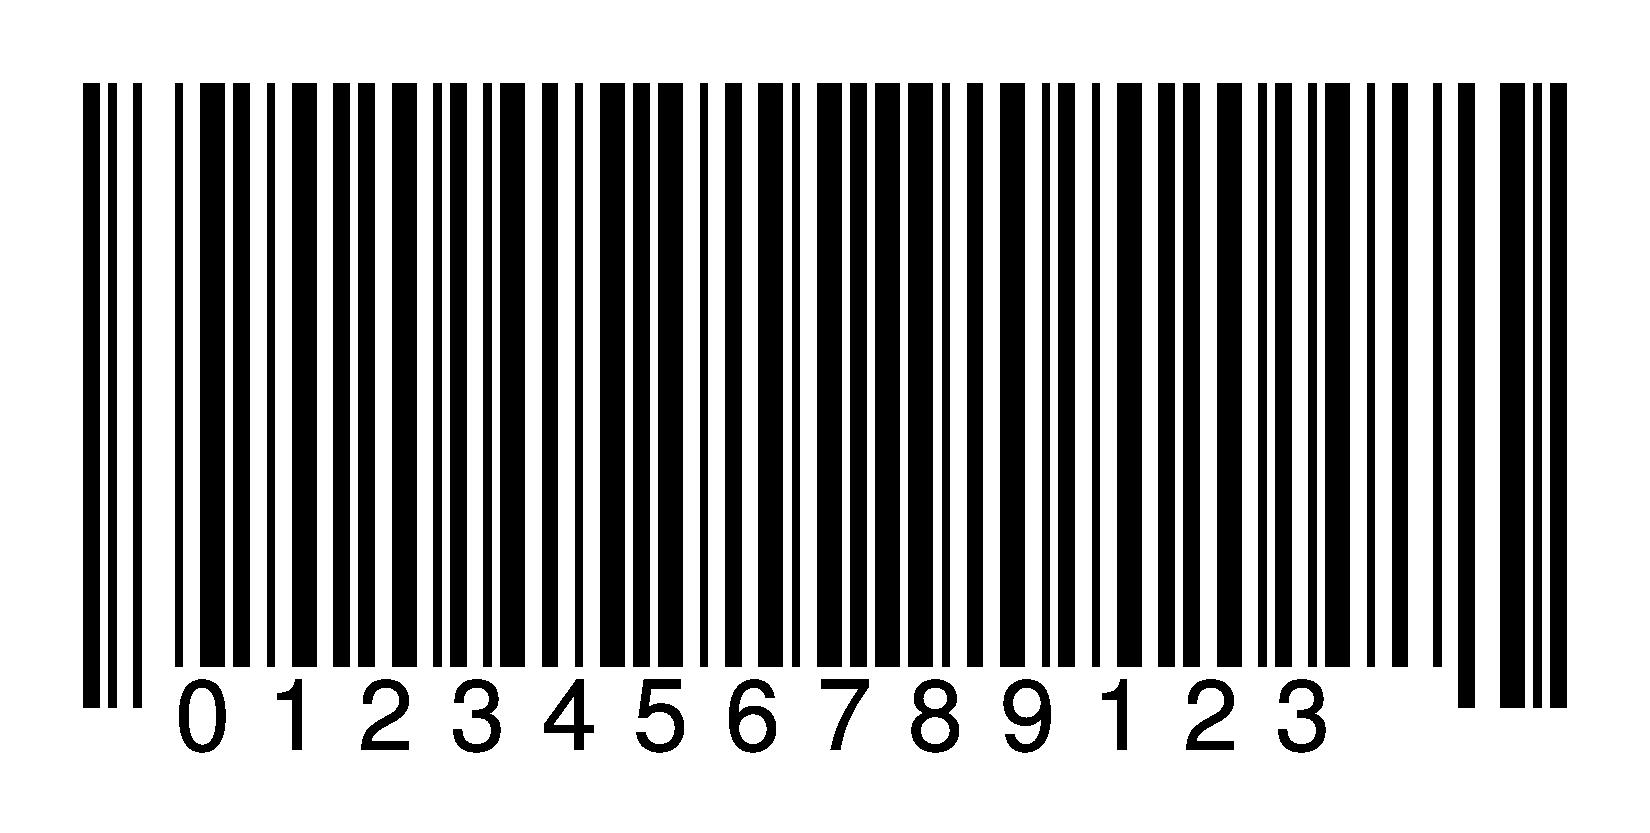 Crear Códigos De Barras En Linux